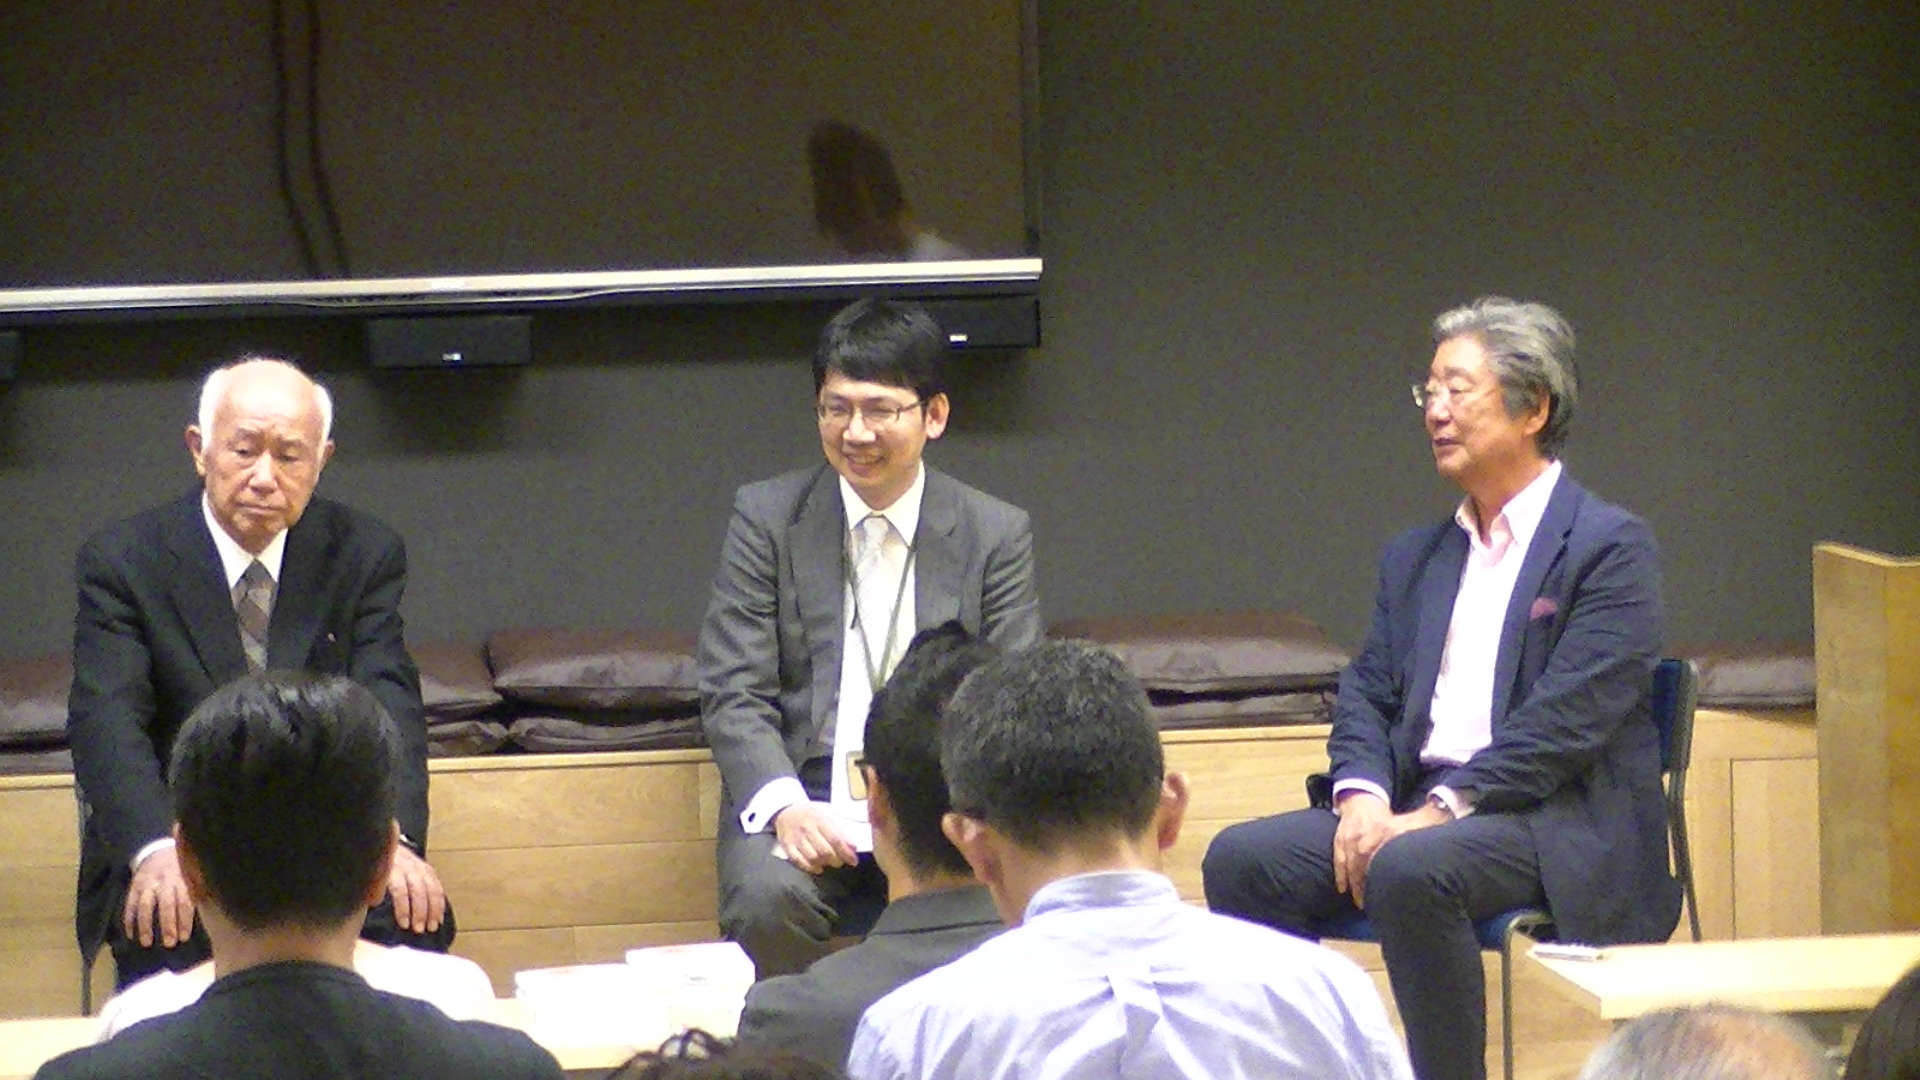 東京思風塾において思風先生と新井さん、加藤さん対談